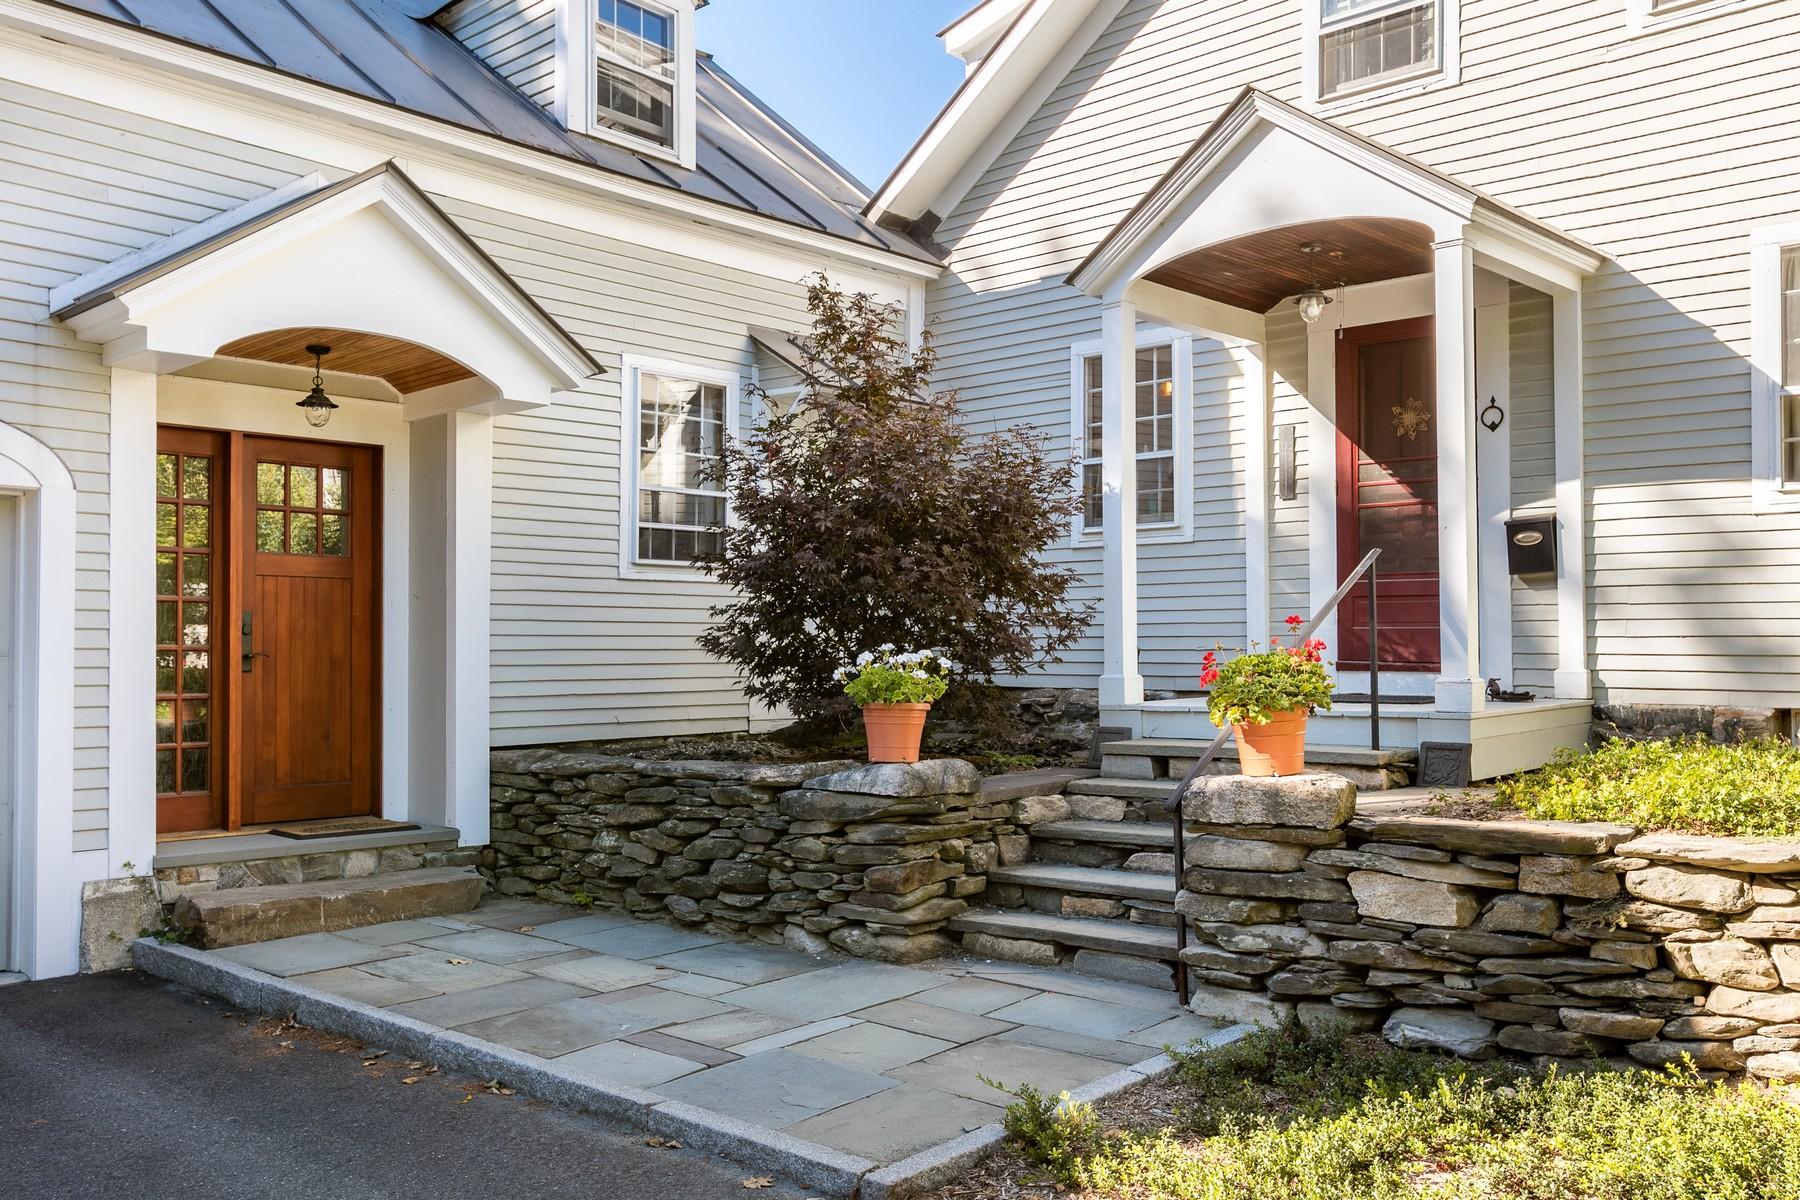 단독 가정 주택 용 매매 에 131 South Main St, Hanover Hanover, 뉴햄프셔, 03755 미국